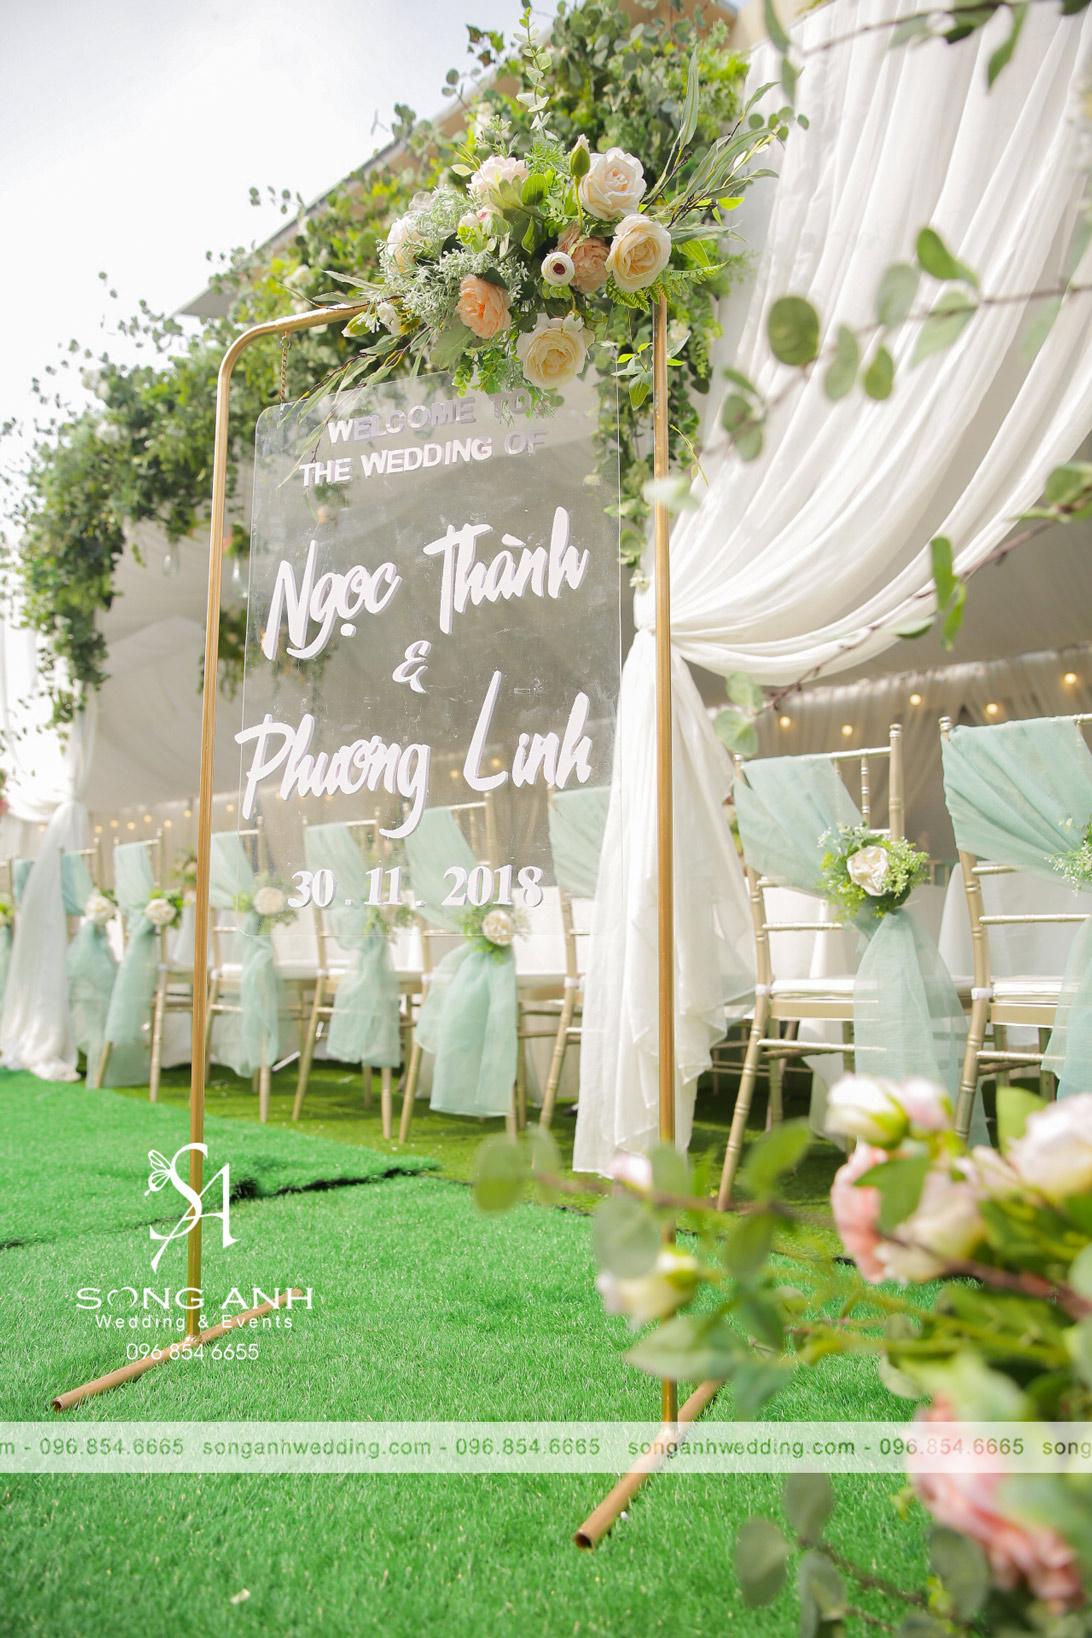 Bảng welcome bằng nhựa trong suốt là điểm nhấn cho trang trí tiệc cưới ngày đông